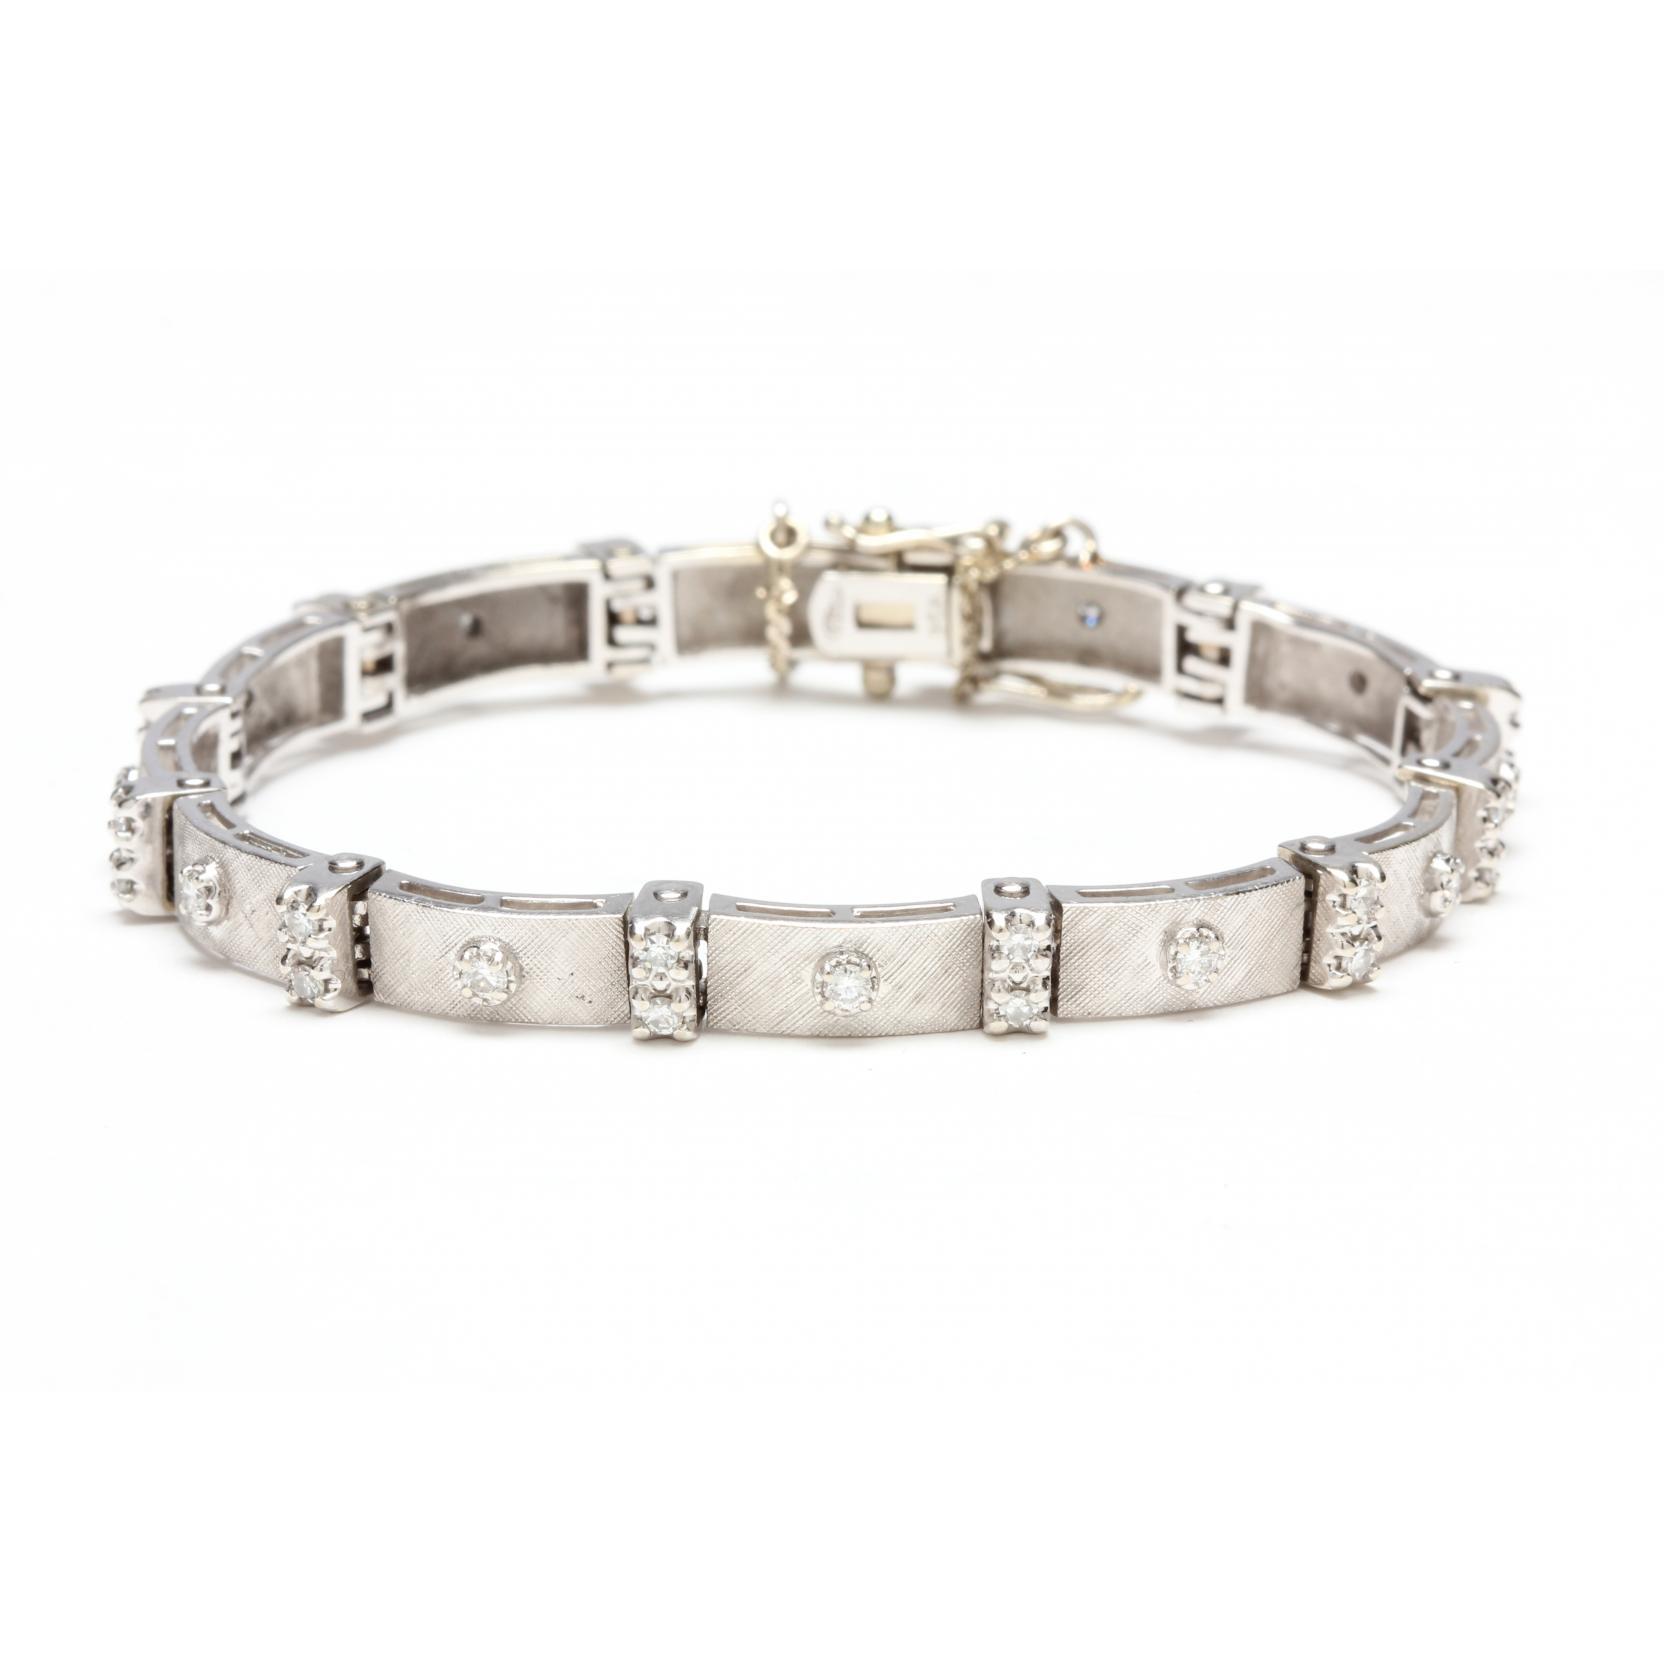 14kt-white-gold-diamond-bracelet